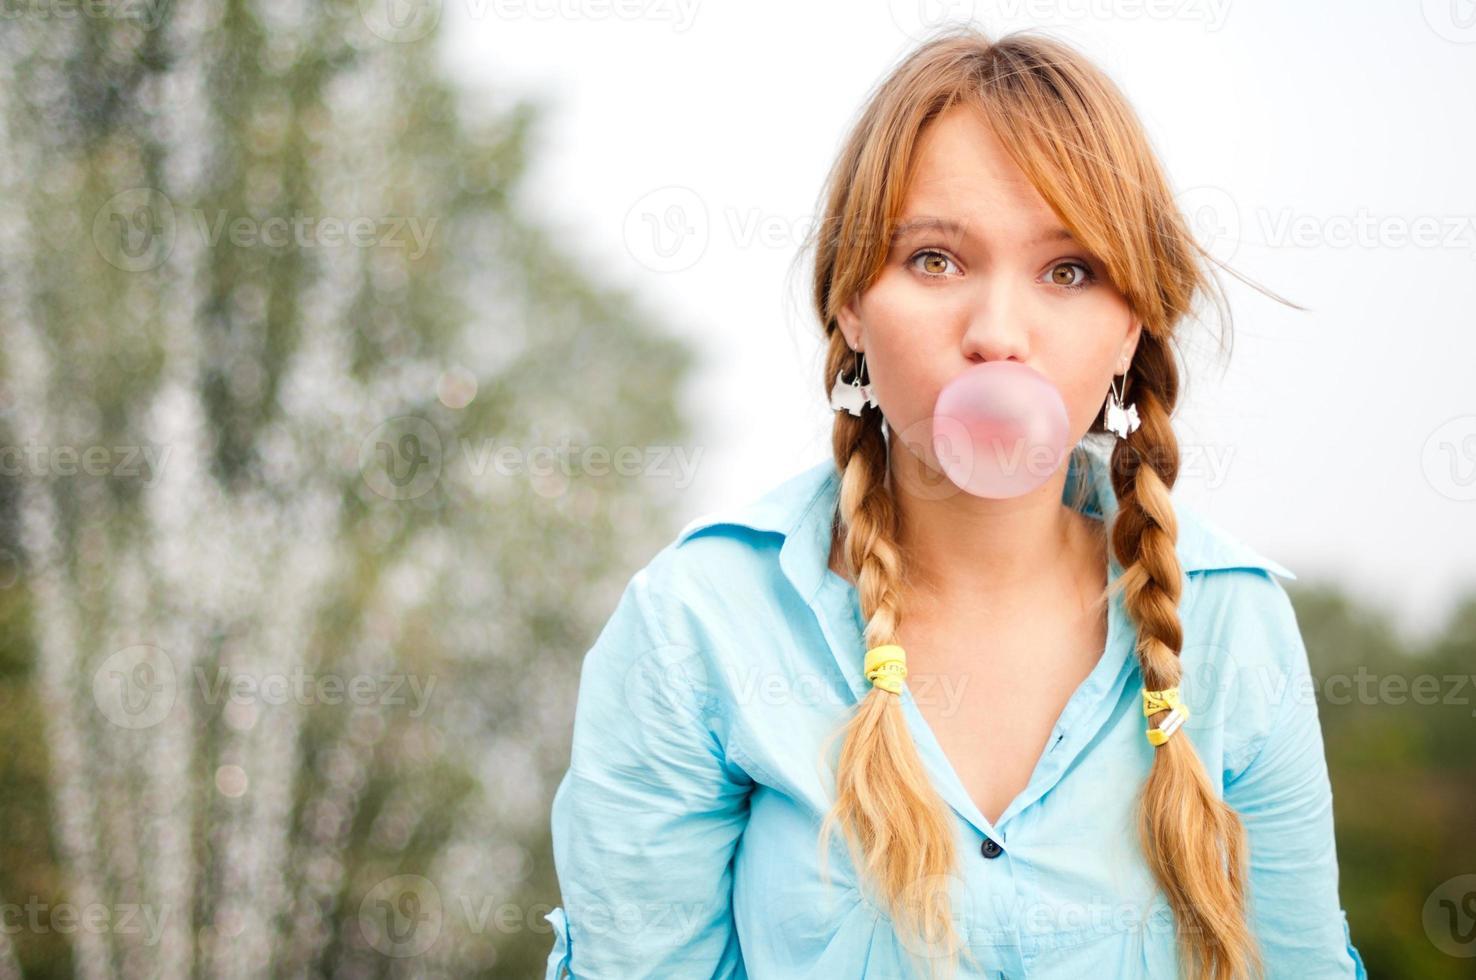 jovem estudante ruiva com tranças trançadas soprando chiclete foto